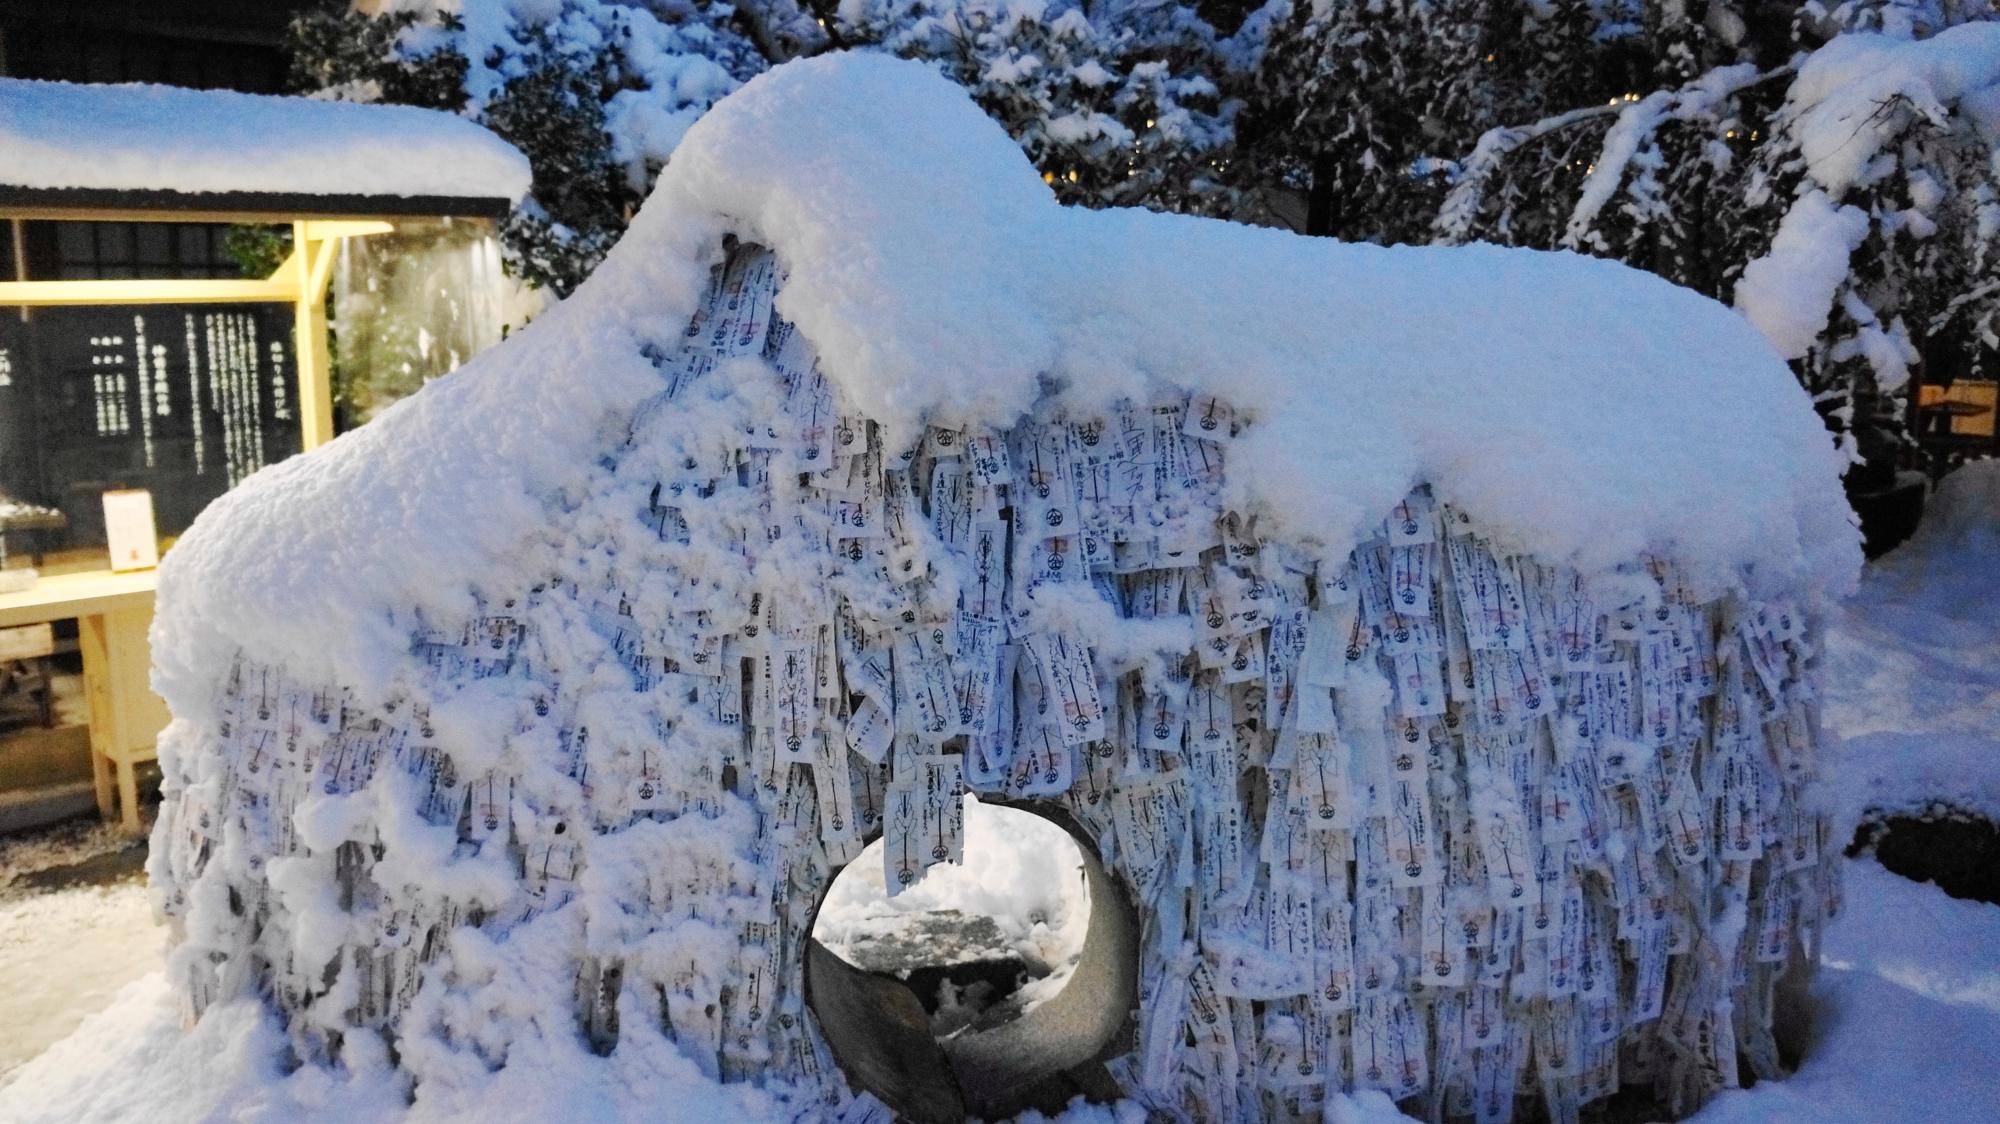 縁切り縁結び碑の雪景色